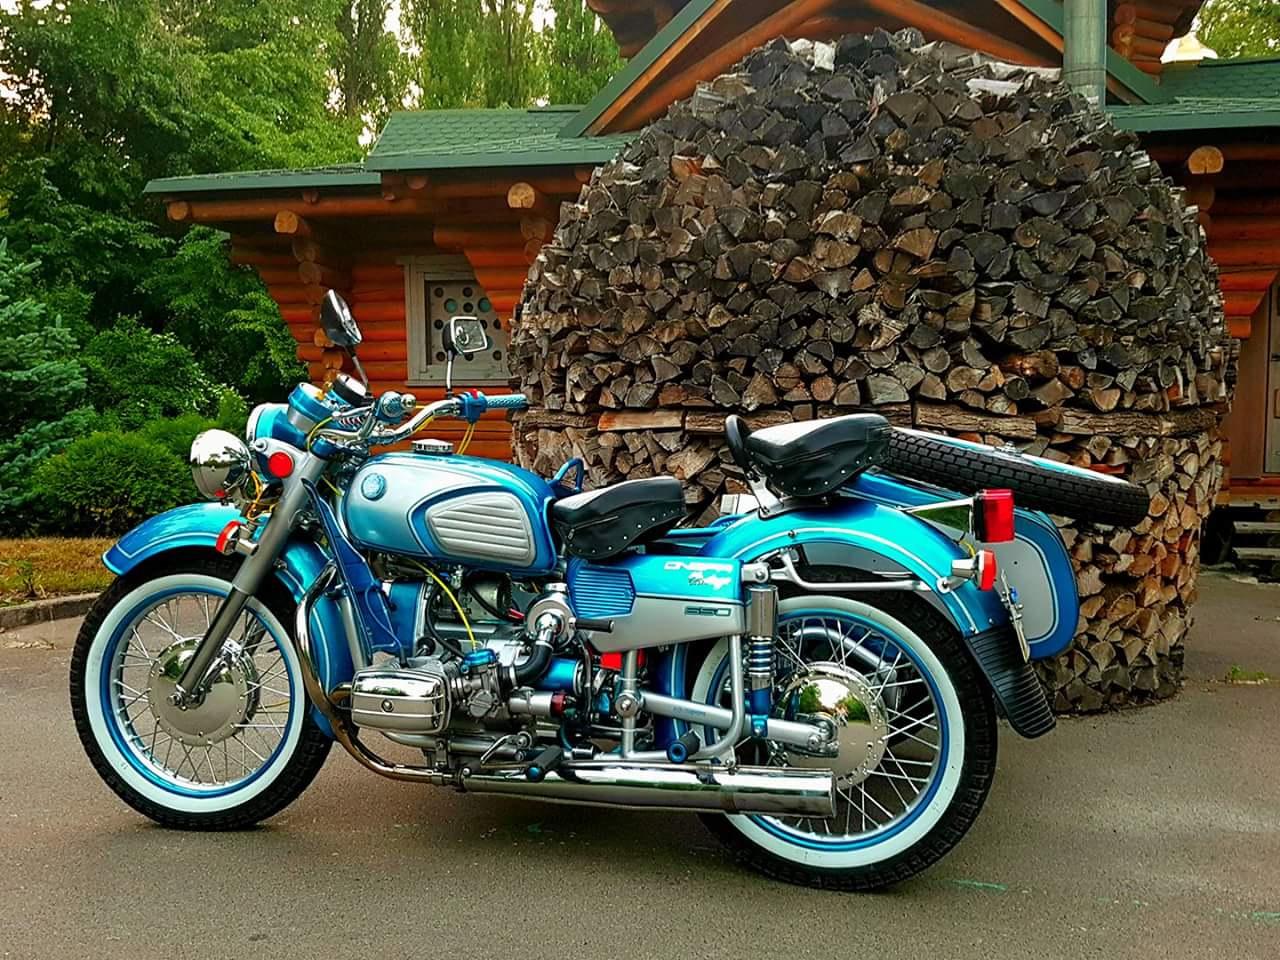 наш днепр мотоцикл тюнинг фото являемся клубом владельцев